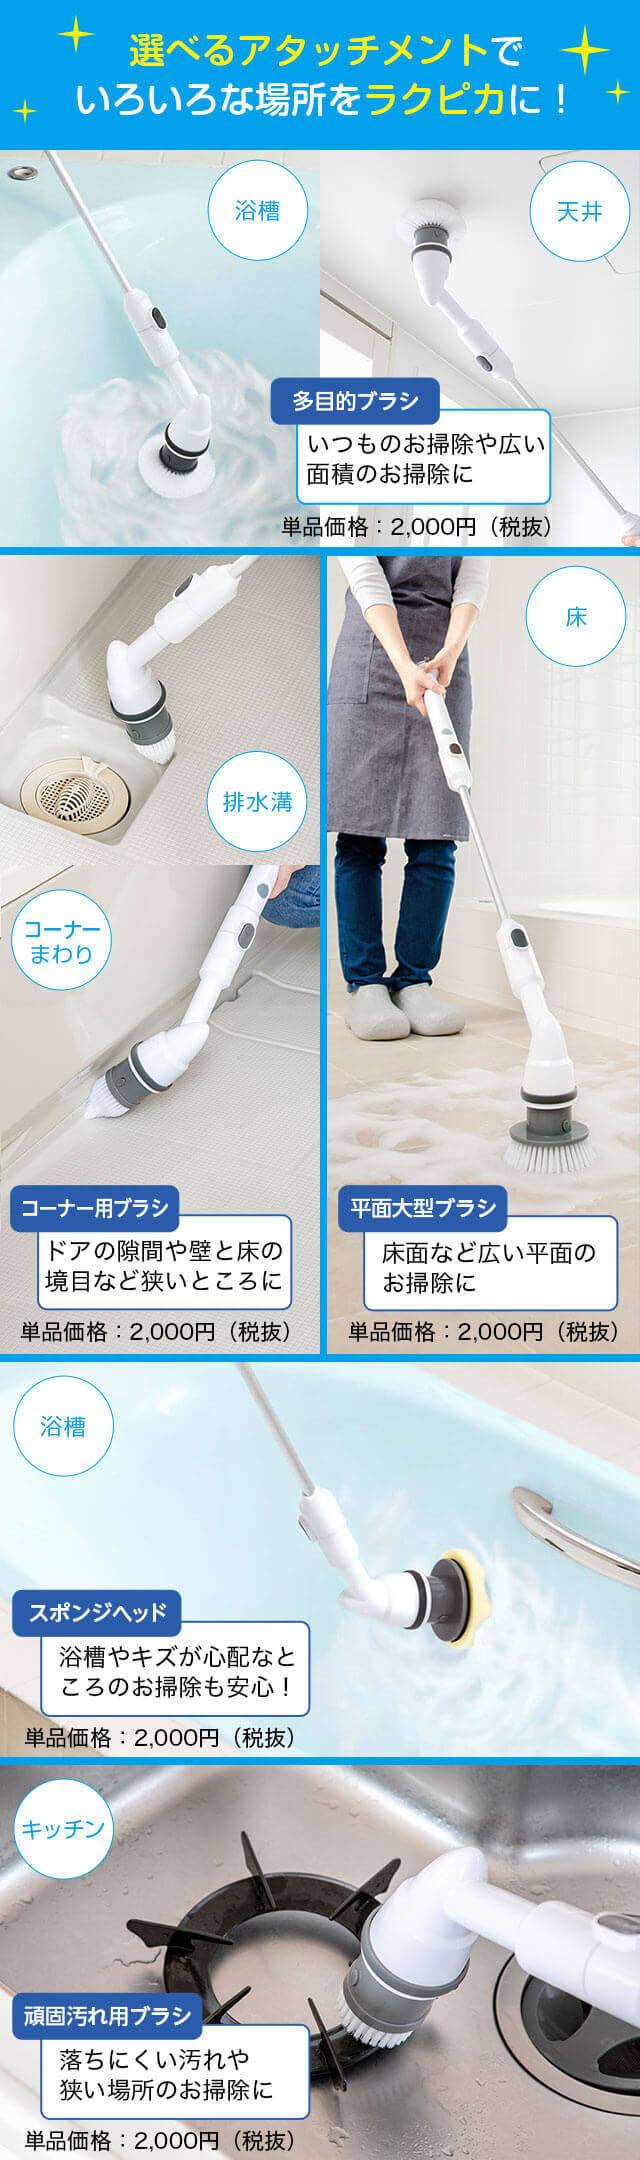 選べるアタッチメントでいろいろな場所をラクピカに! 浴槽 天井 多目的ブラシ いつものお掃除や広い面積のお掃除に 単品価格:2,000円(税抜) 排水溝 コーナーまわり コーナー用ブラシ ドアの隙間や壁と床の境目など狭いところに 単品価格:2,000円(税抜) 床 平面大型ブラシ 床面など広い平面のお掃除に 単品価格:2,000円(税抜) 浴槽 スポンジヘッド 浴槽やキズが心配なところのお掃除も安心! 単品価格:2,000円(税抜) キッチン 頑固汚れ用ブラシ 落ちにくい汚れや狭い場所のお掃除に 単品価格:2,000円(税抜)